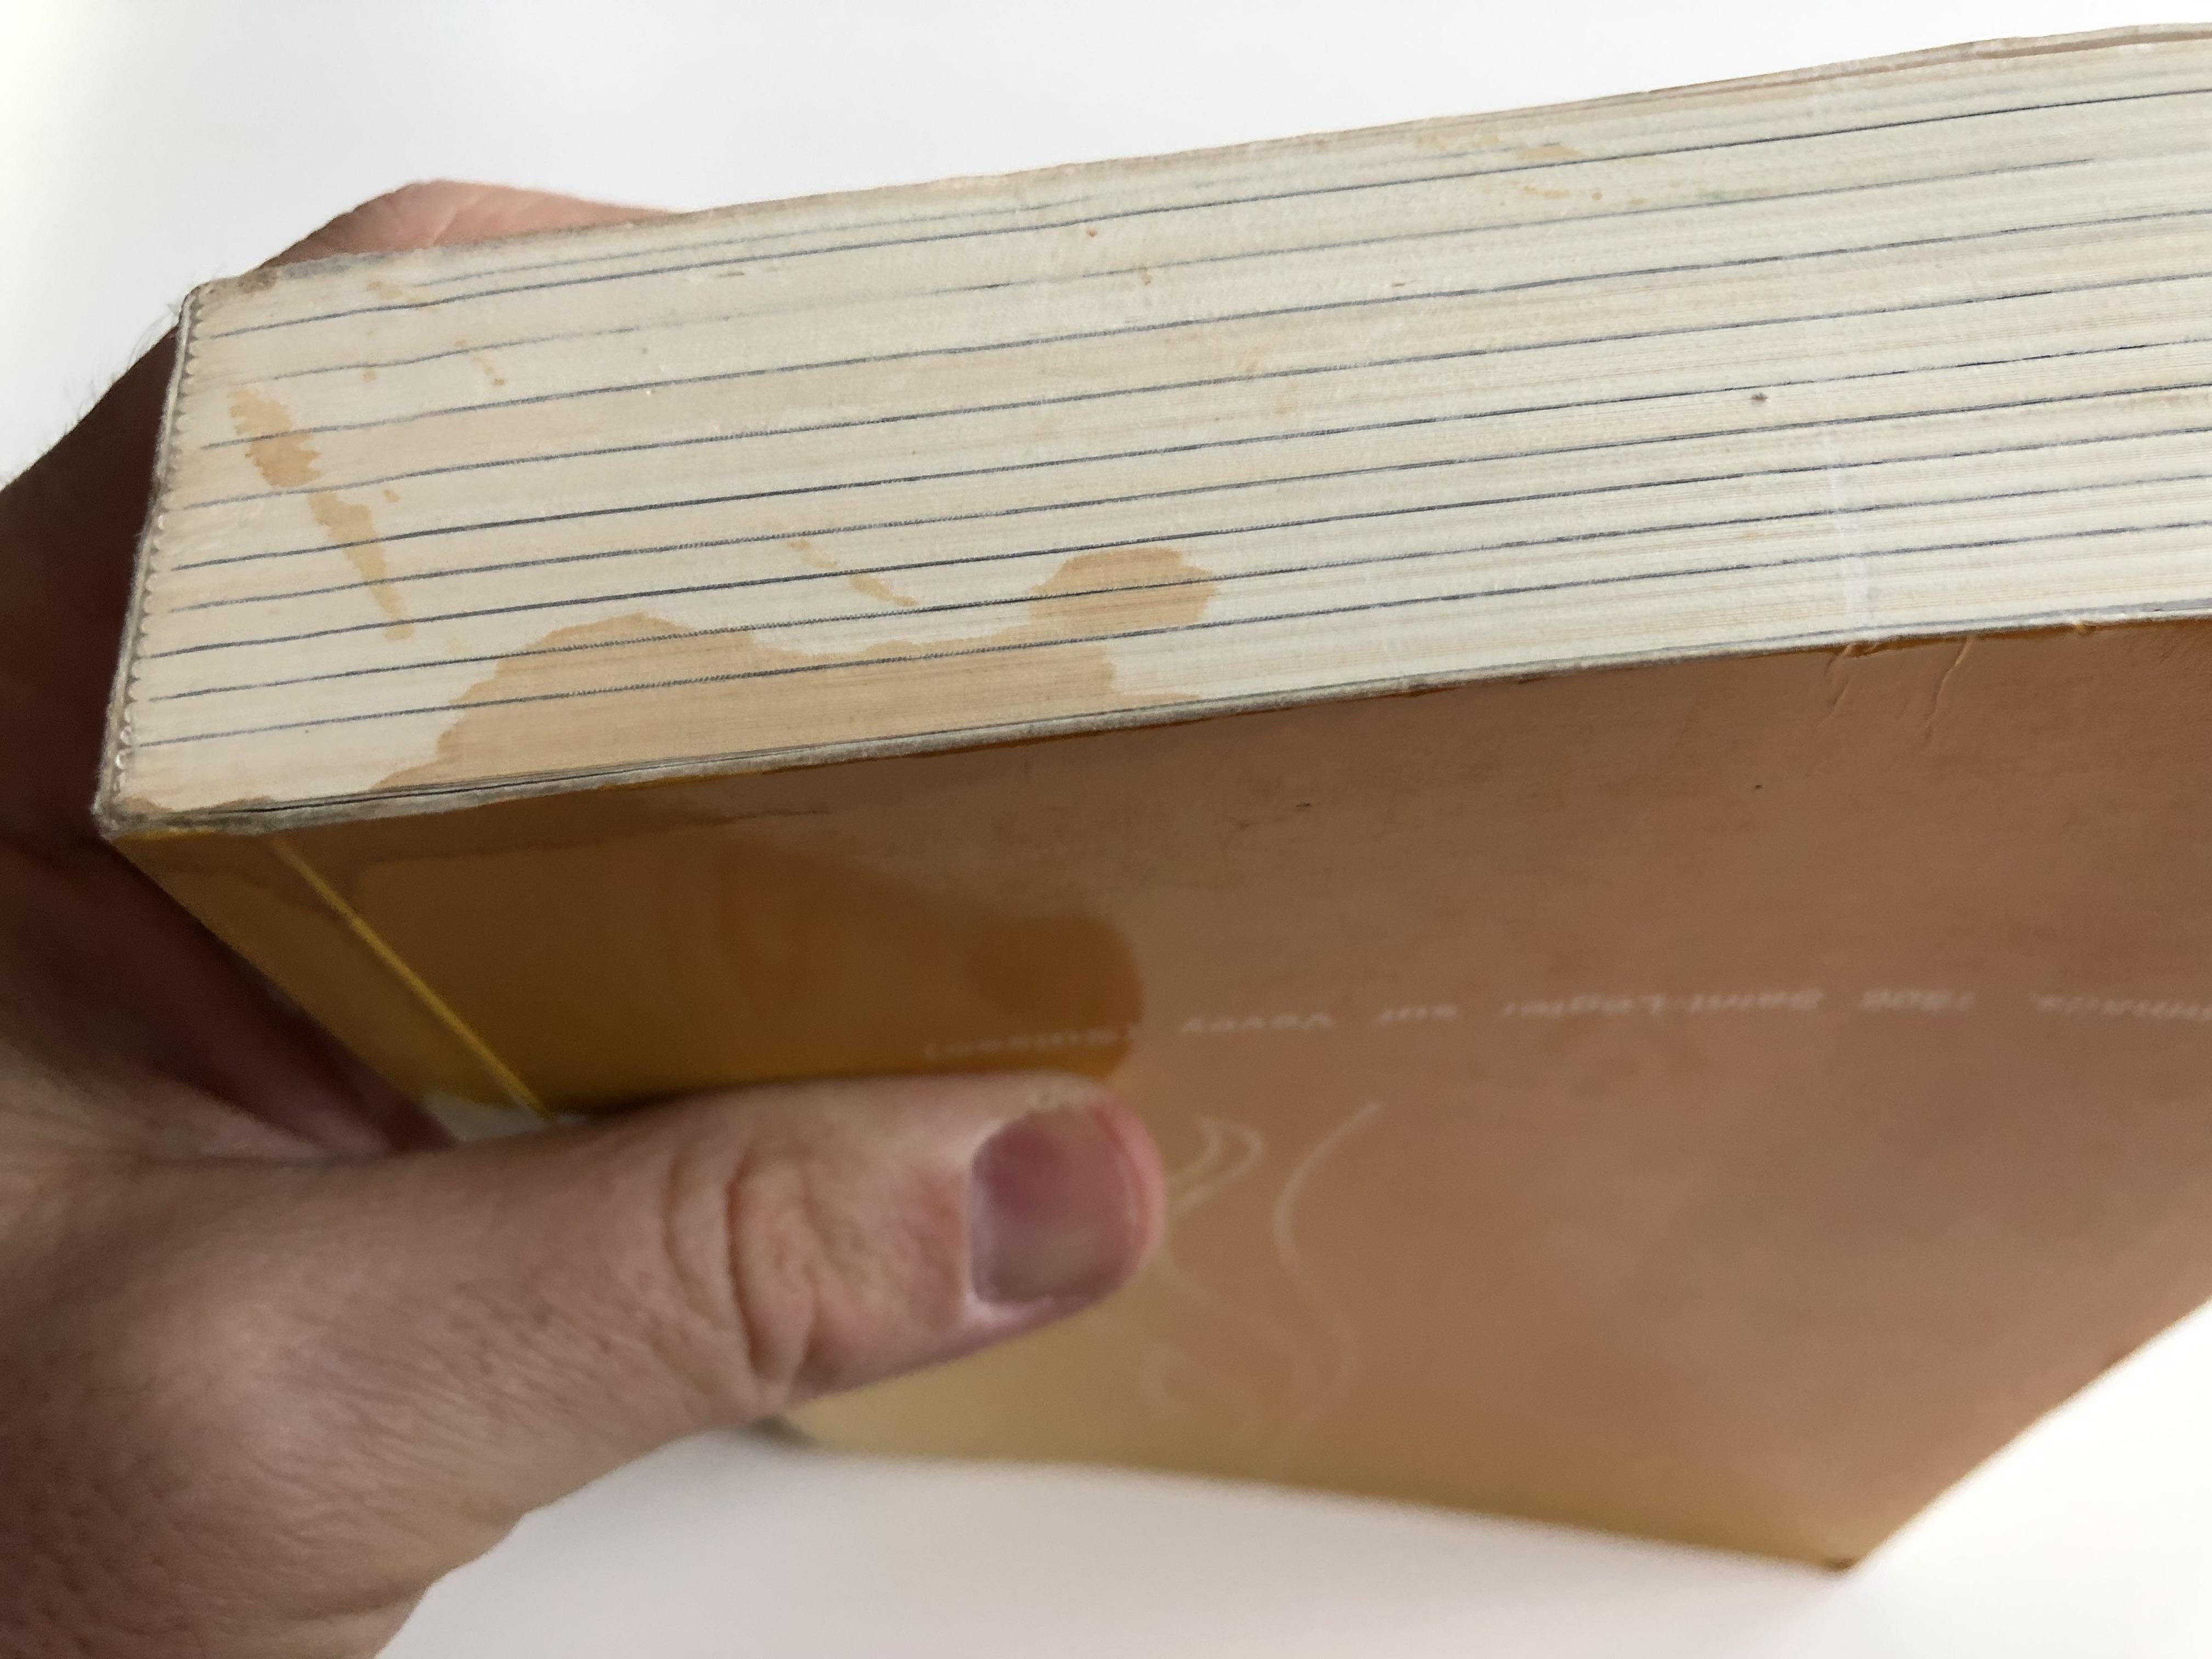 nouveau-dictionnaire-biblique-french-bible-dictionary-19-.jpg